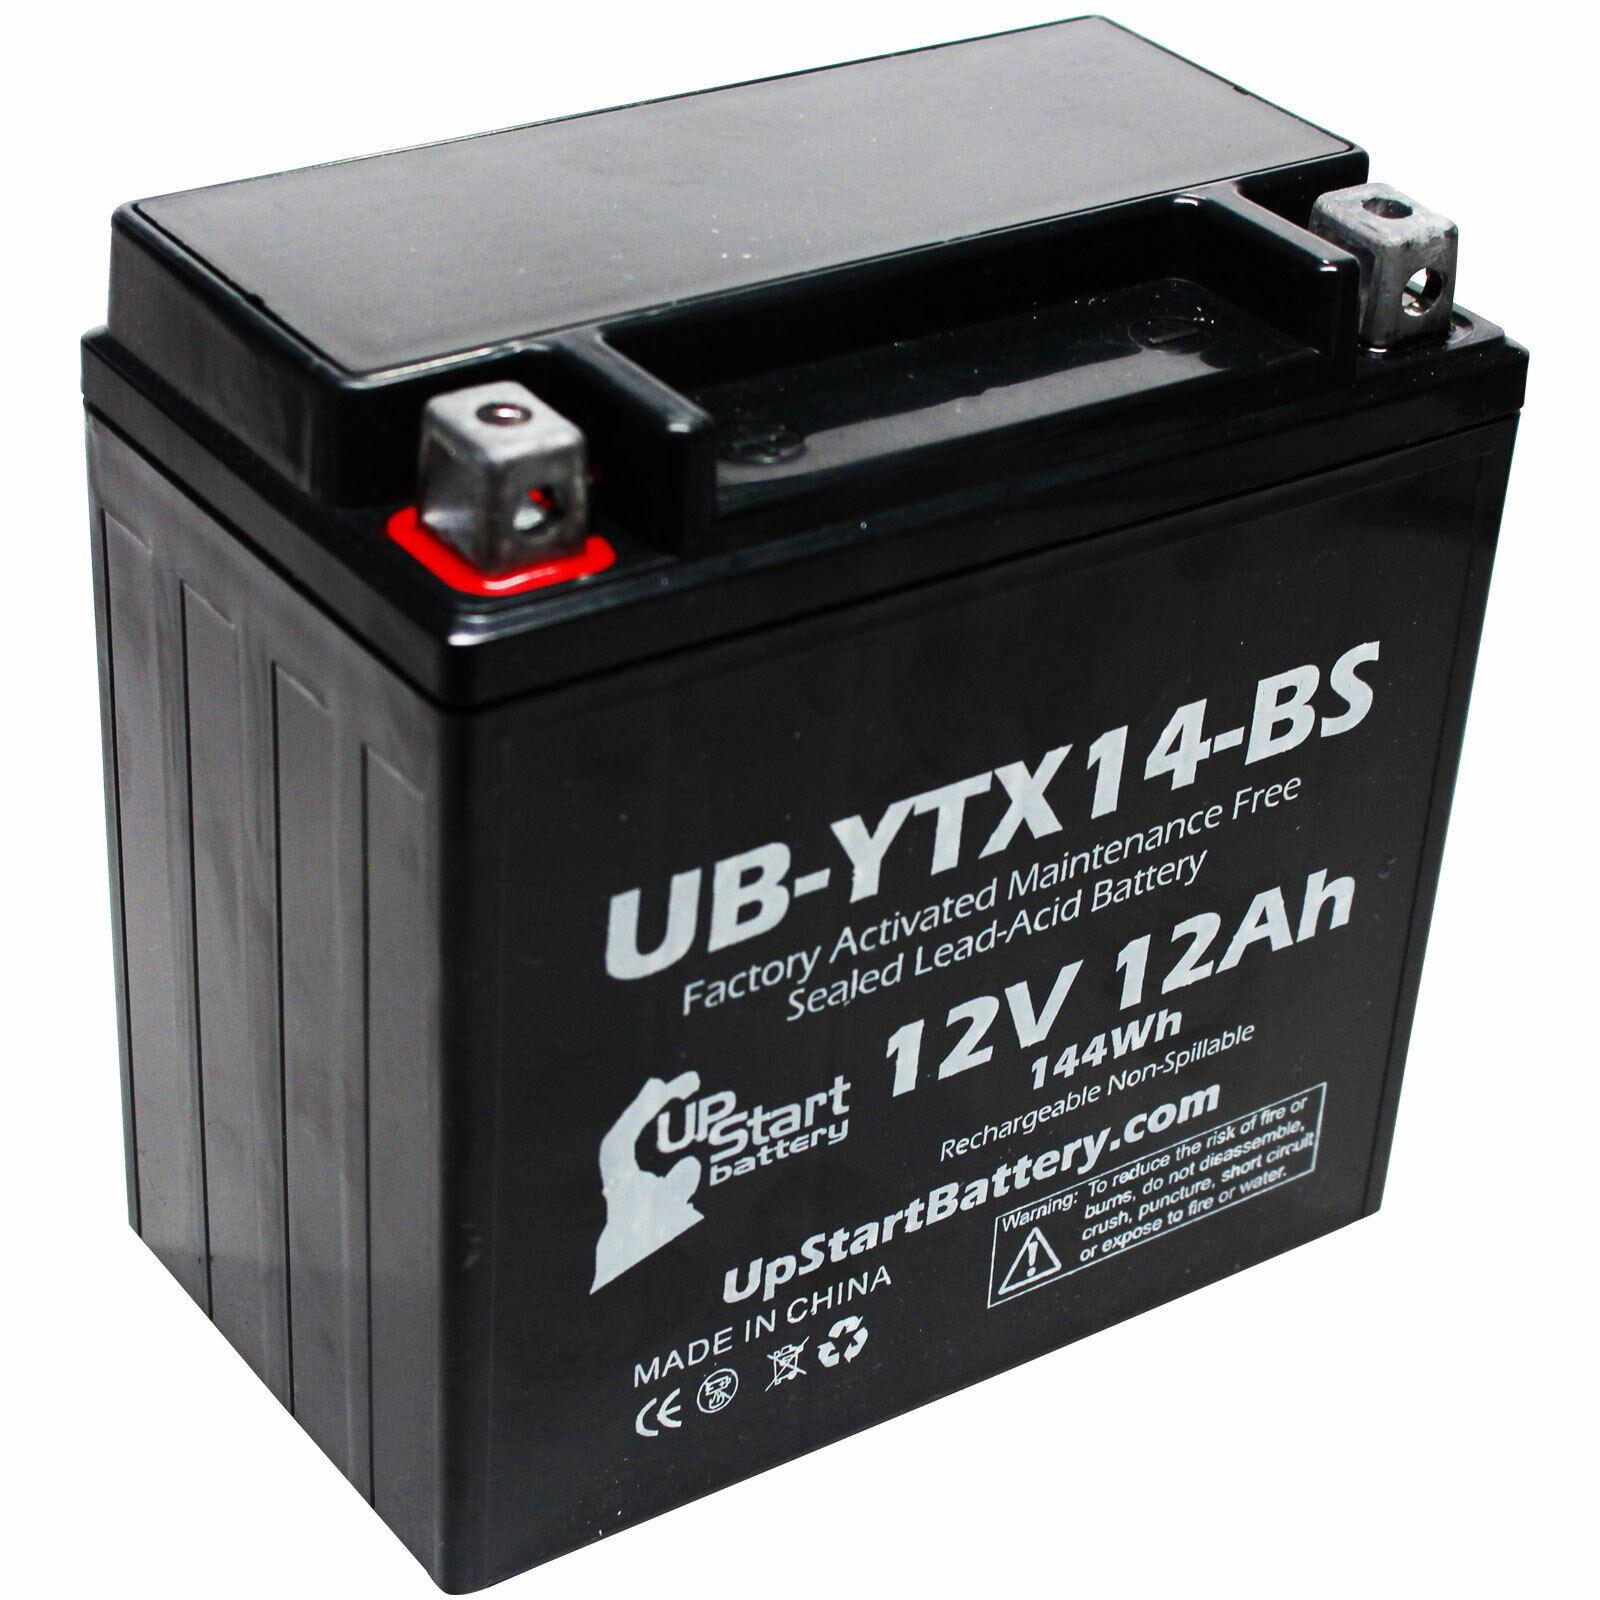 12V 12AH Battery for 2003 Yamaha YFM66R Raptor 660 CC